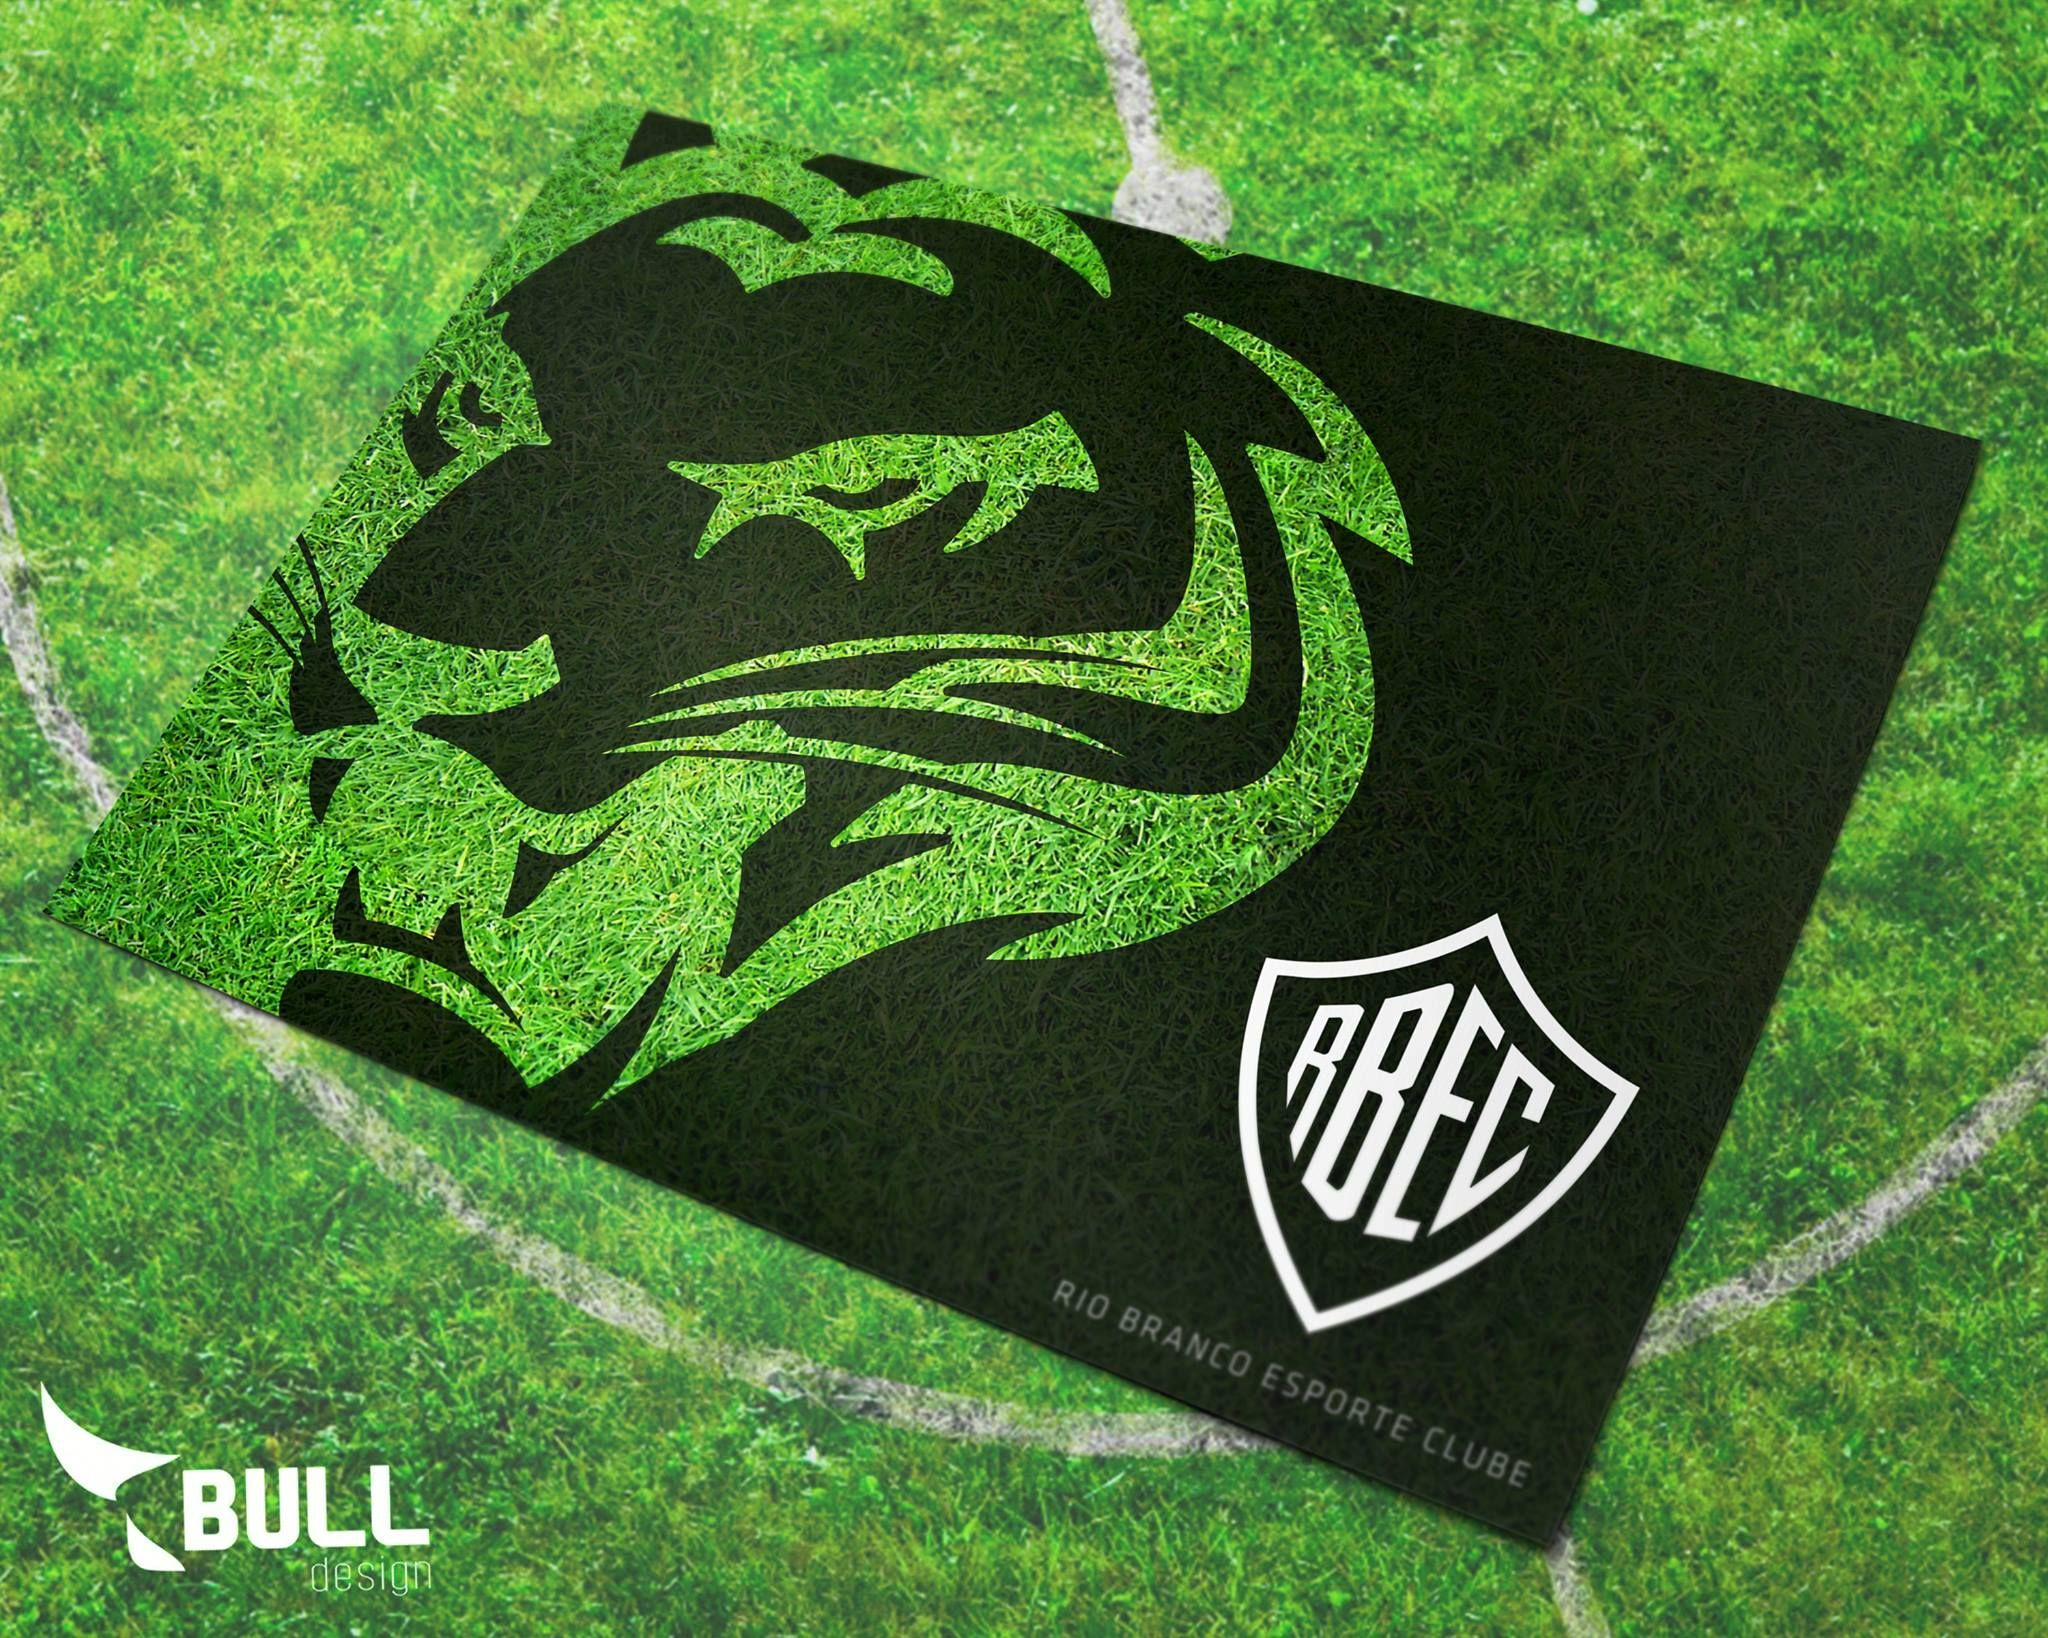 Apresentação Rio Branco Esporte Clube Nike logo